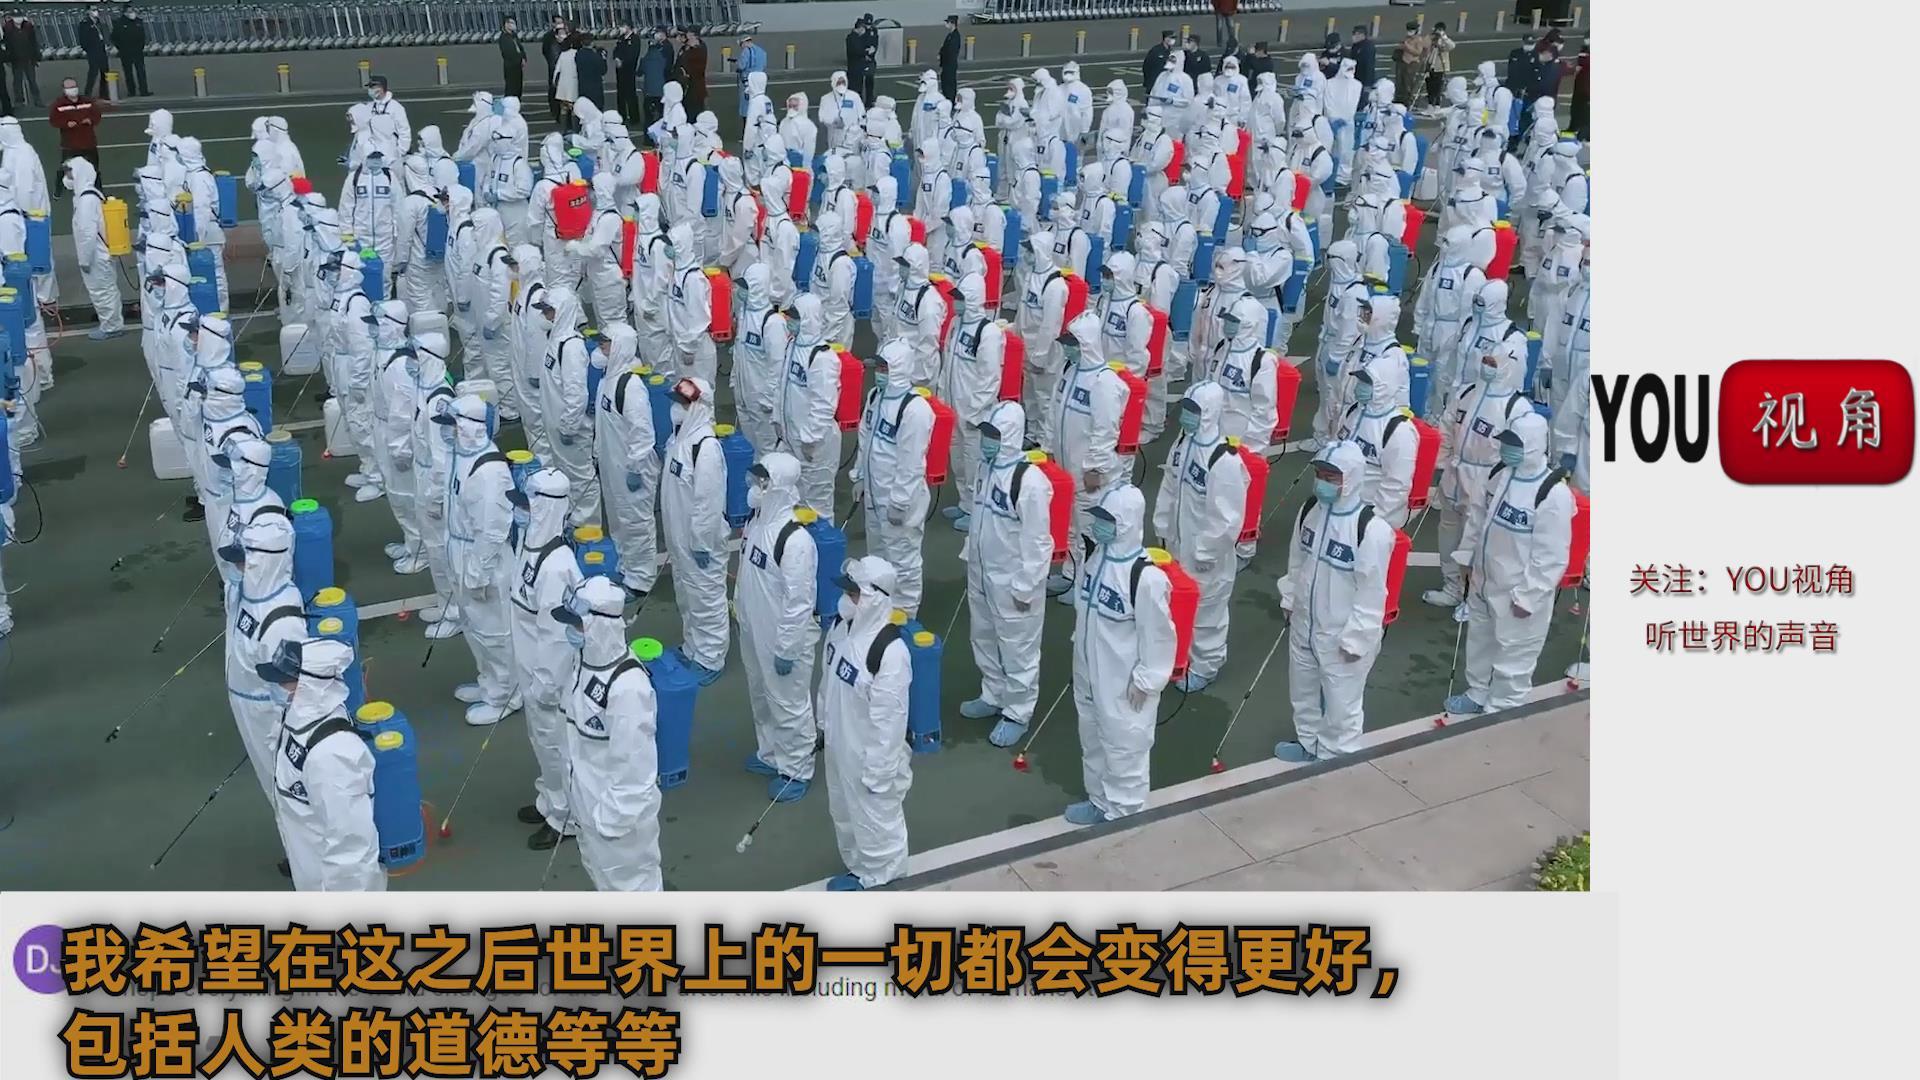 中国新冠肺炎患病率全世界最低 外国网友 机场甚至比我们的医院都要干净